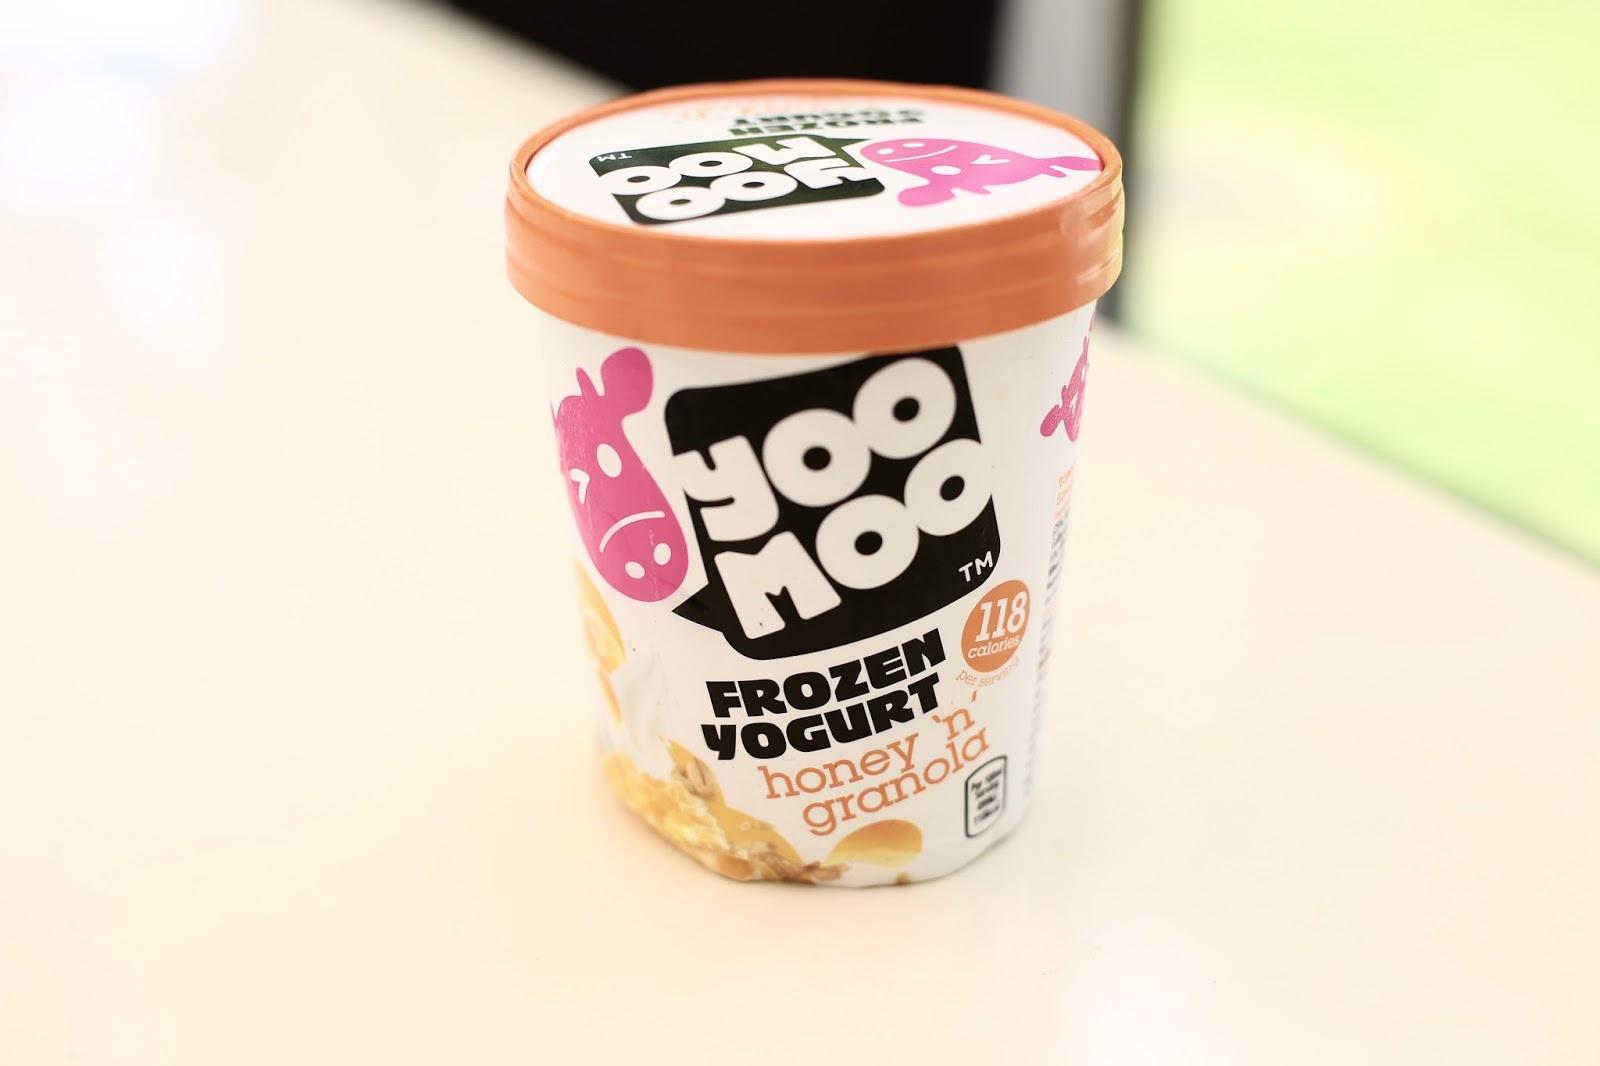 yoomoo honey and granola